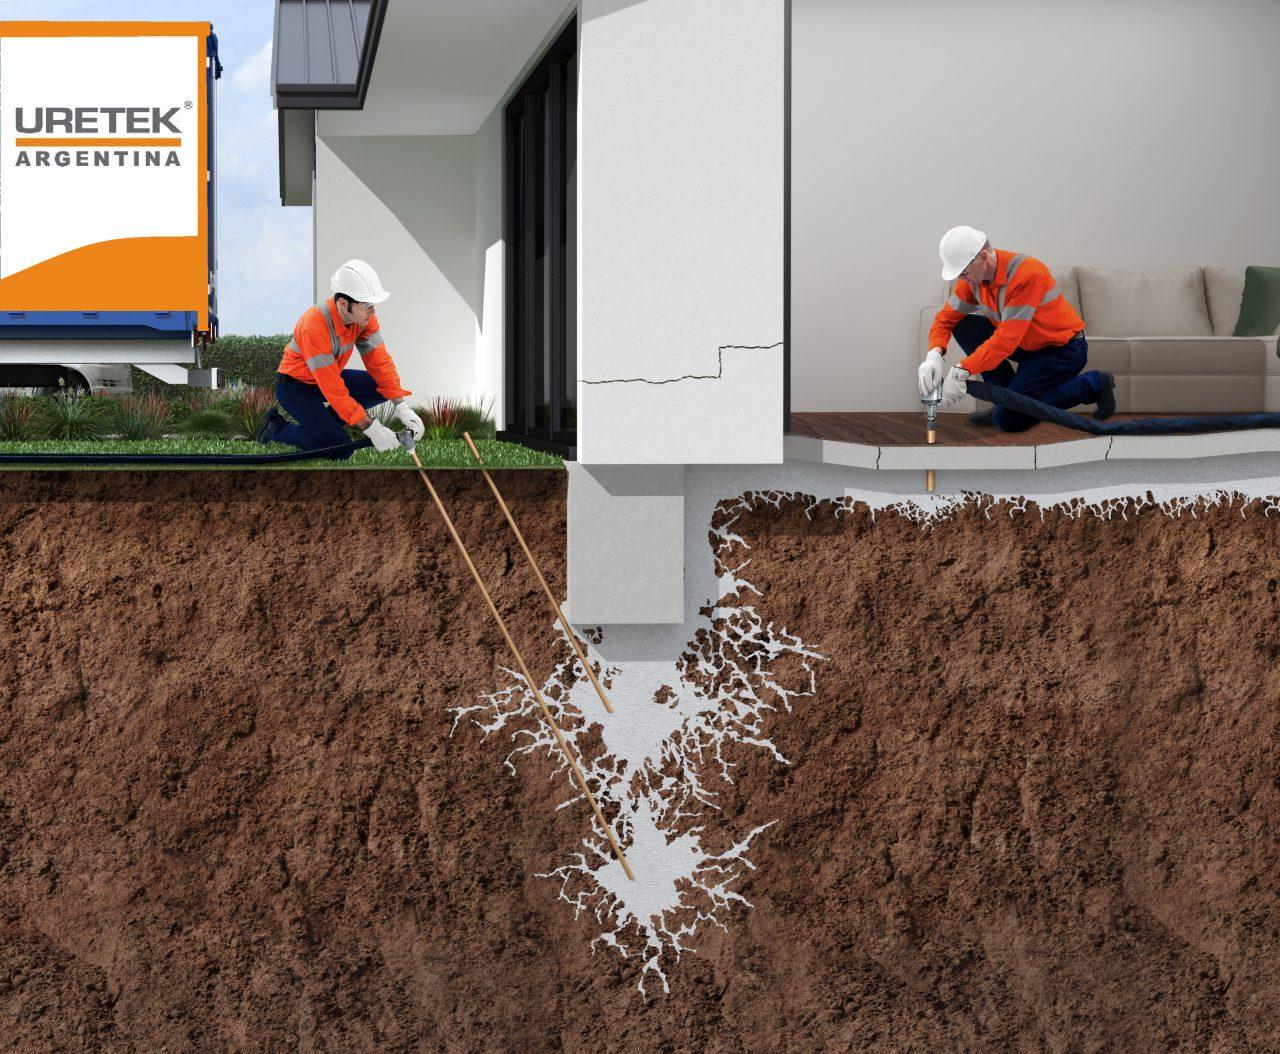 Estabilizacion-de-suelos-y-Elevacion-de-losas-1280x1054.jpg